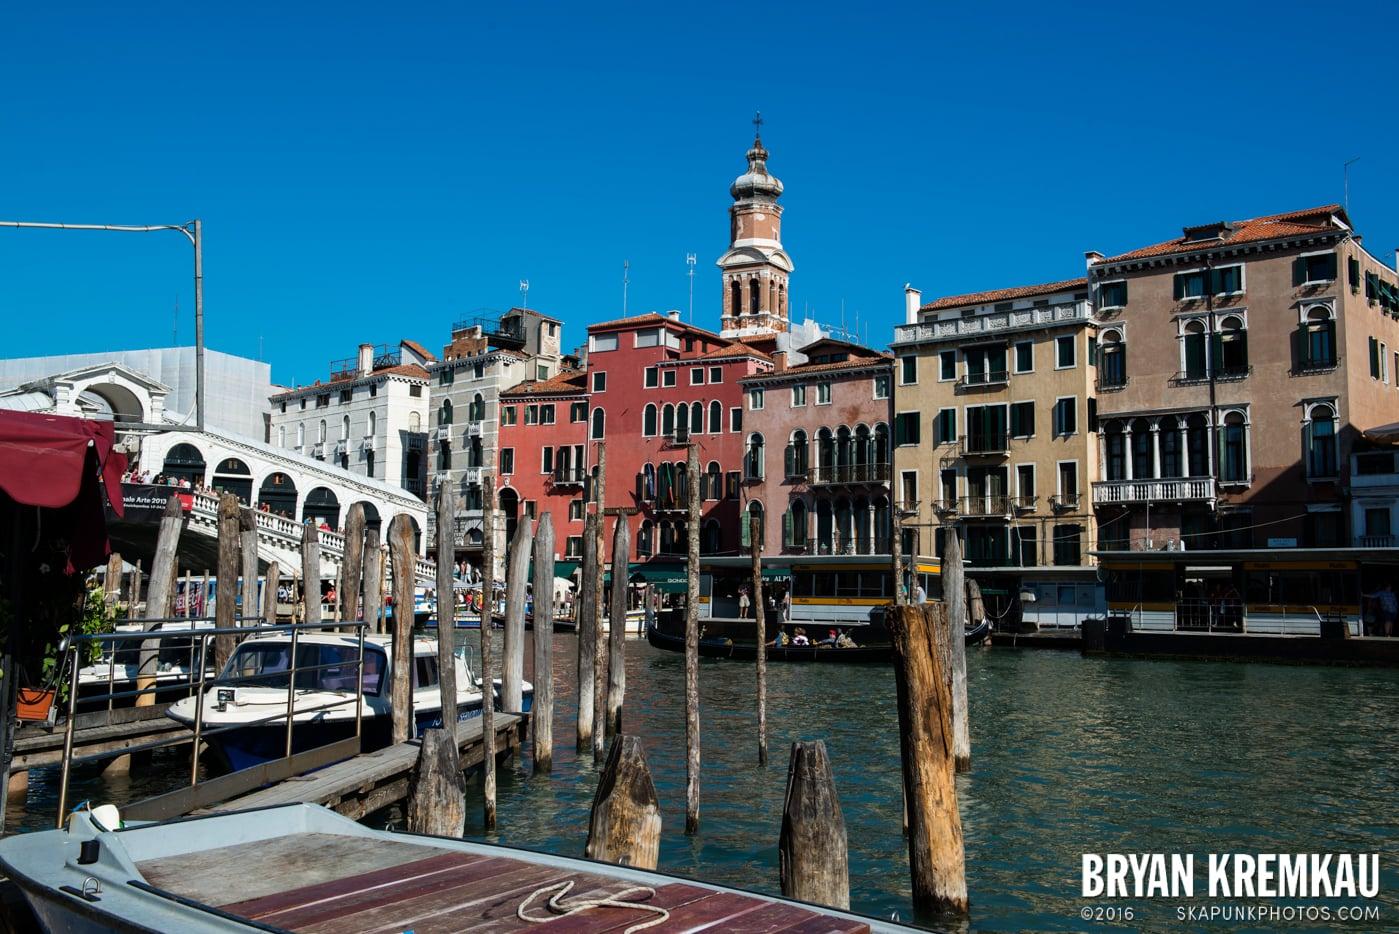 Italy Vacation - Day 4: Venice - 9.12.13 (49)